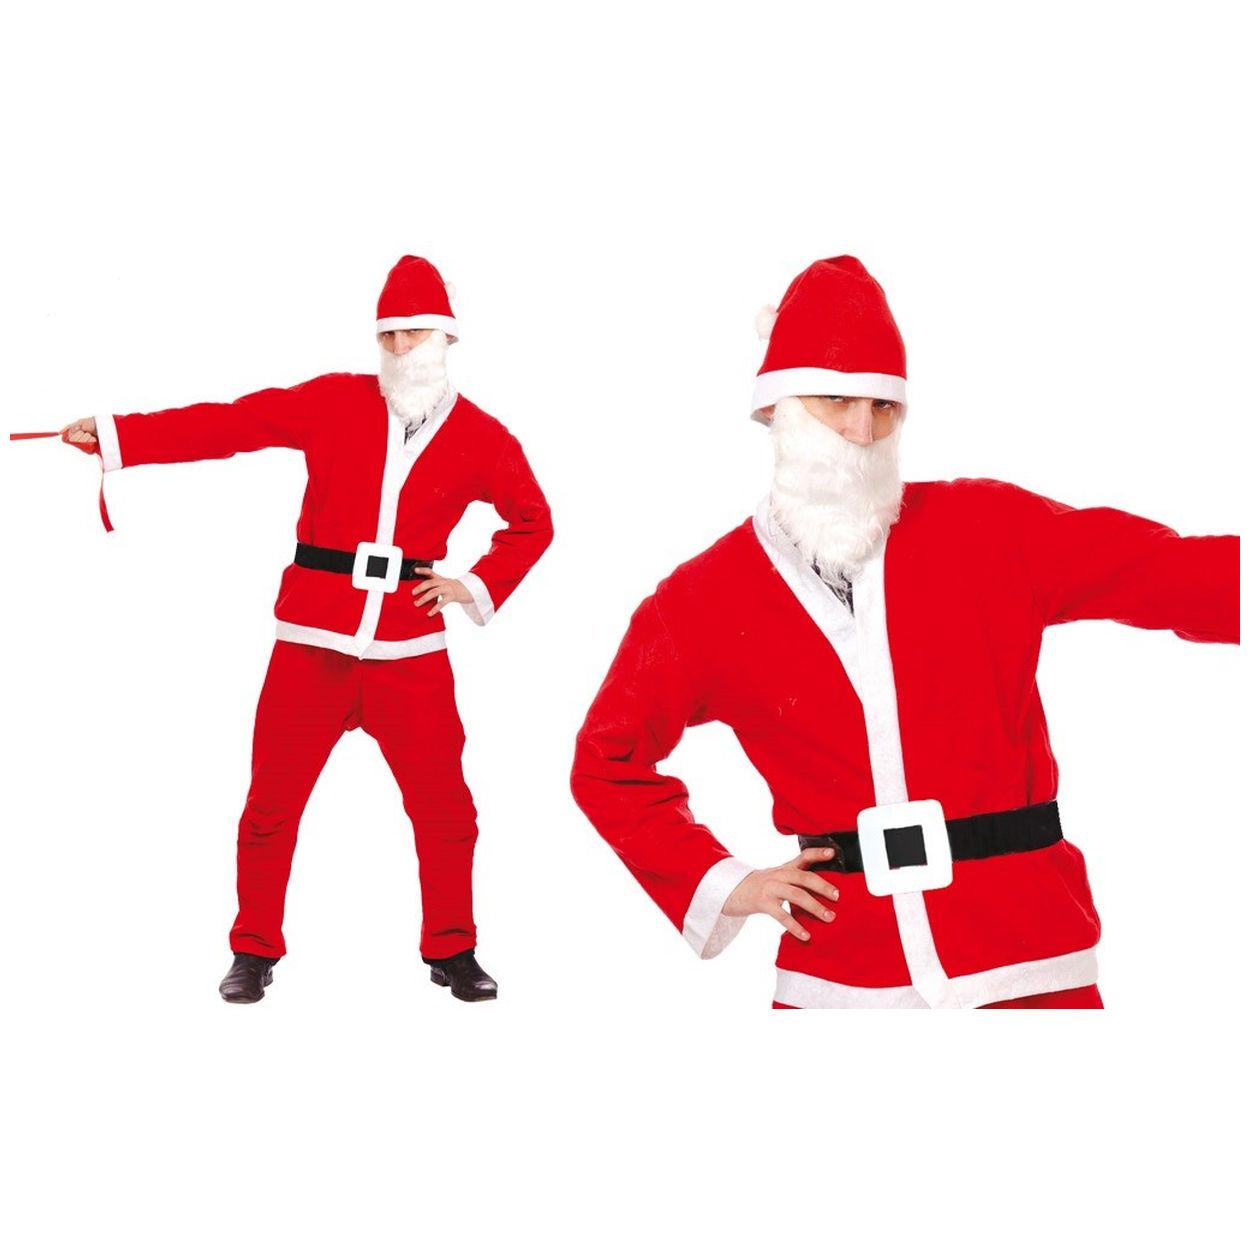 Costume Babbo Natale.Costume Babbo Natale Economico Nbb Eventi Compra Online